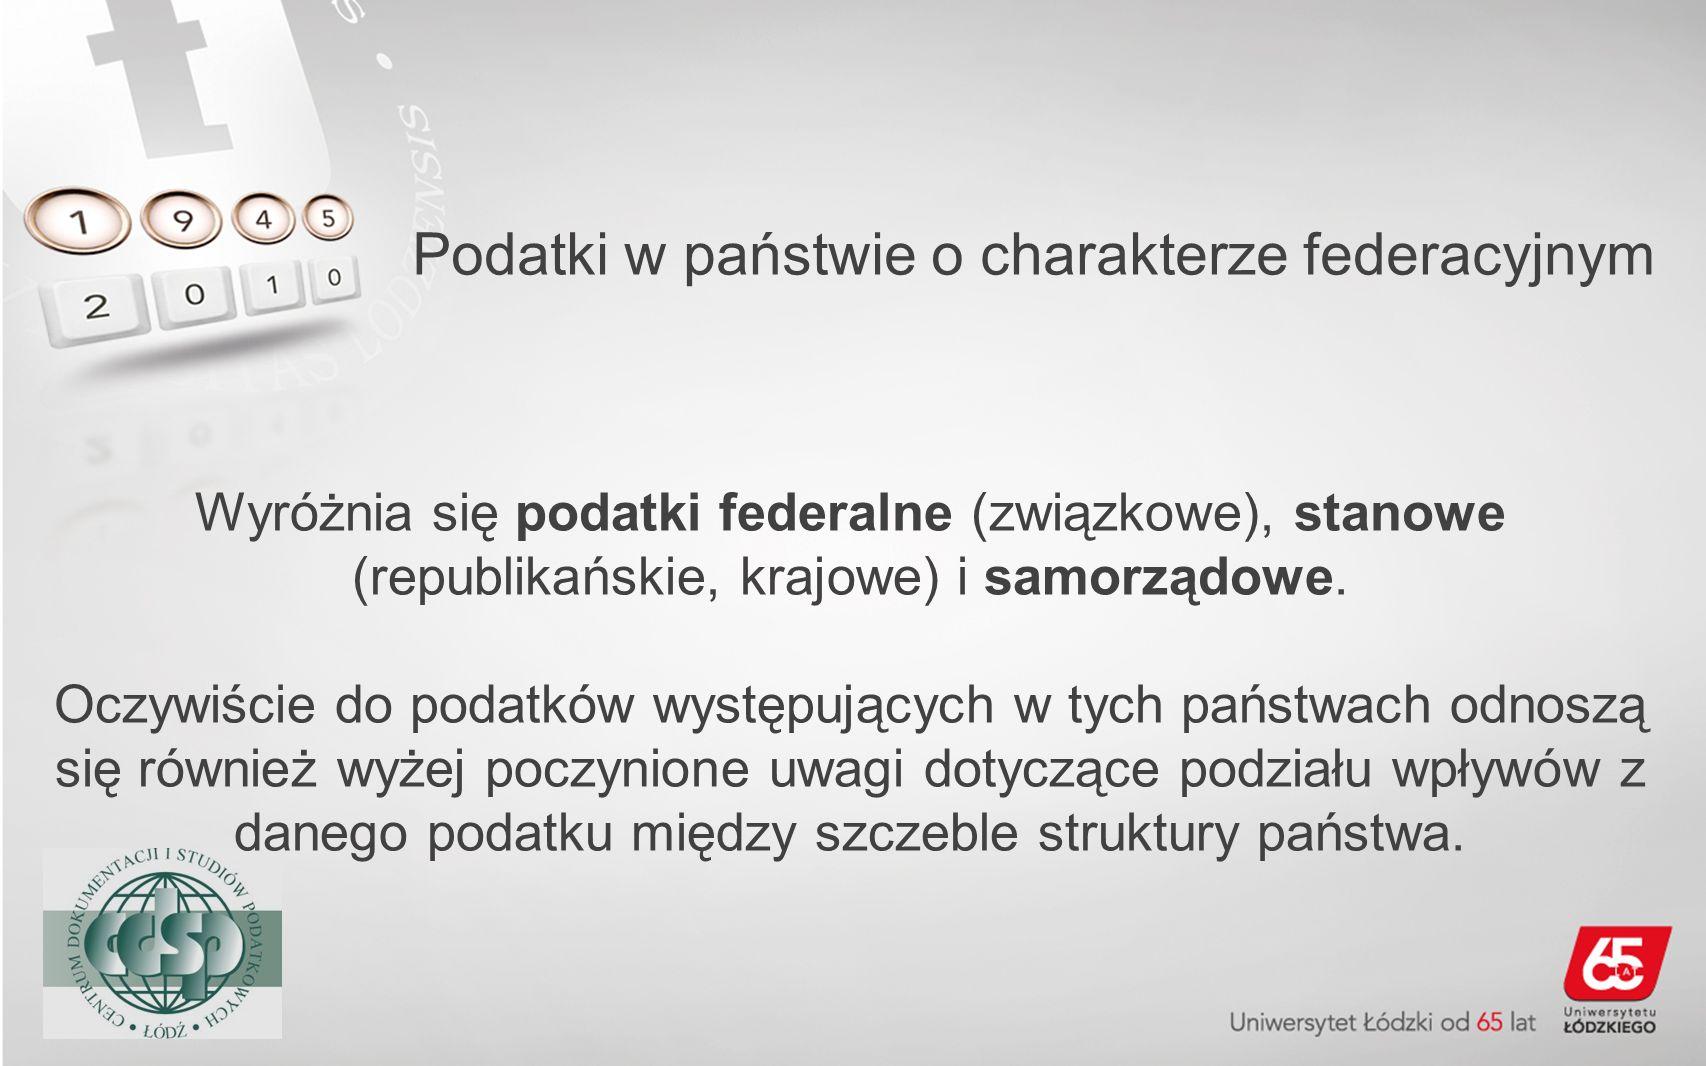 Podatki w państwie o charakterze federacyjnym